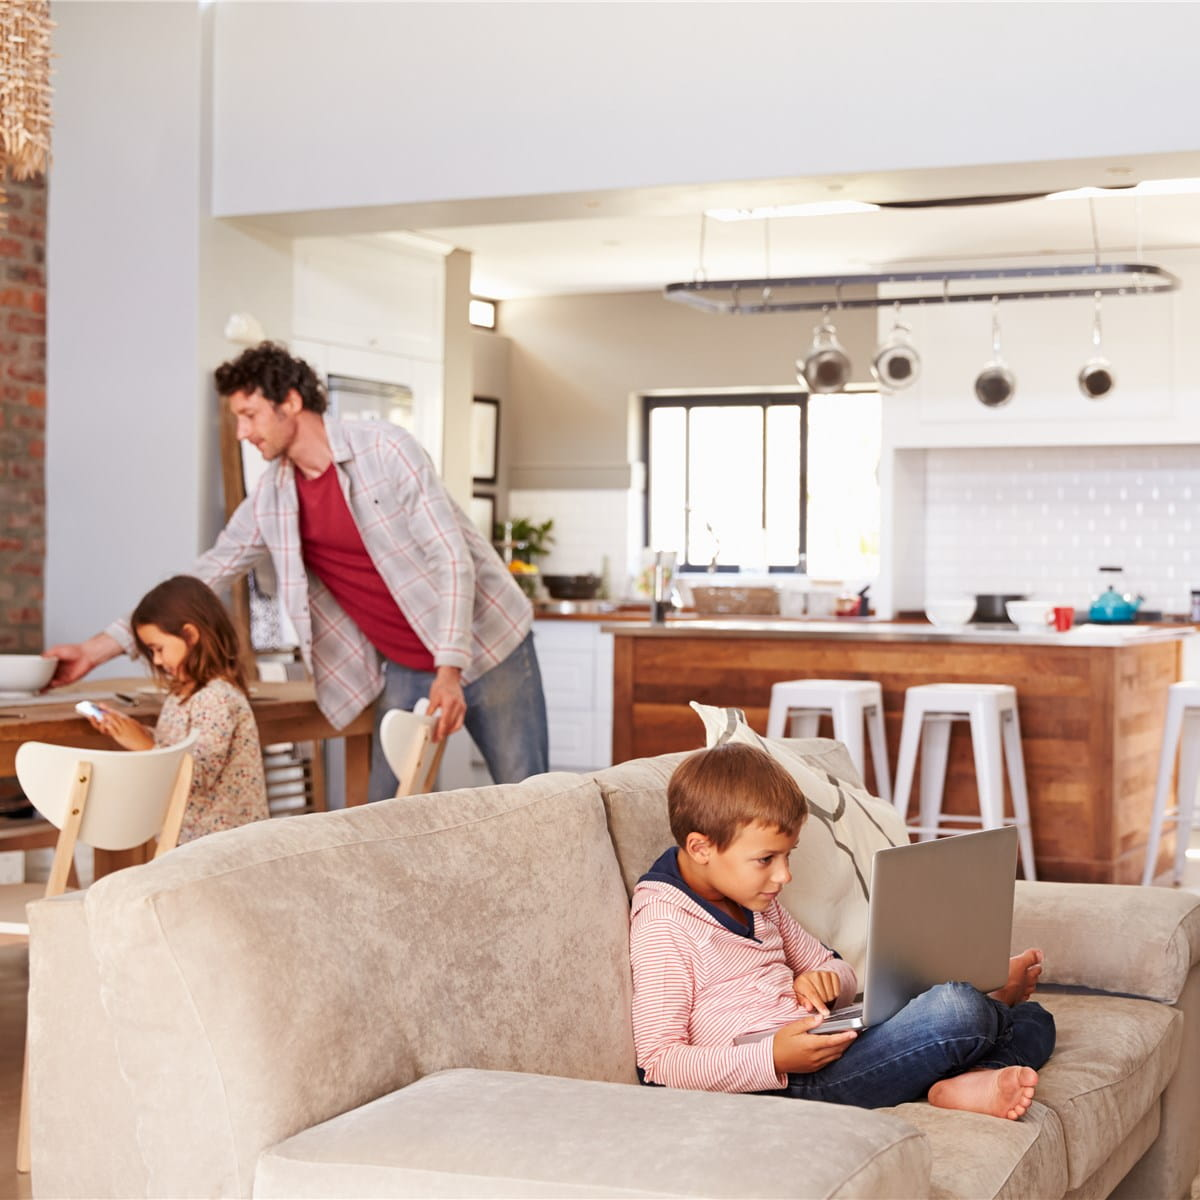 ergo versicherung uwe stark in plauen versicherungen von ergo versichern hei t verstehen. Black Bedroom Furniture Sets. Home Design Ideas